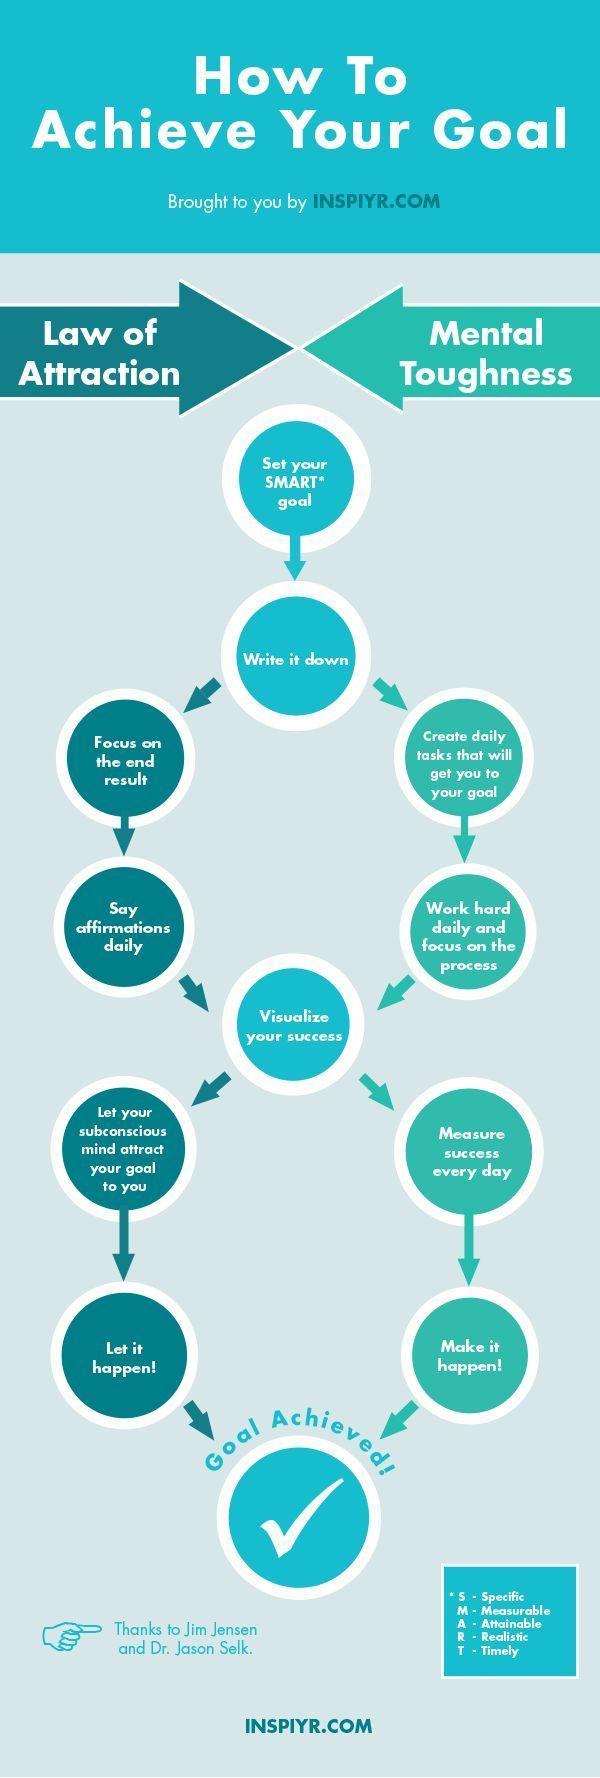 Lernen Sie, wie Sie Ihr Ziel in 6 Schritten mithilfe des Anziehungsgesetzes oder der mentalen Zähigkeit erreichen können – #Anziehungsgesetzes #der #des #erreichen #Ihr #können #lawofattraction #Lernen #mentalen #mithilfe #oder #Schritten #SIE #Wie #Zähigkeit #Ziel